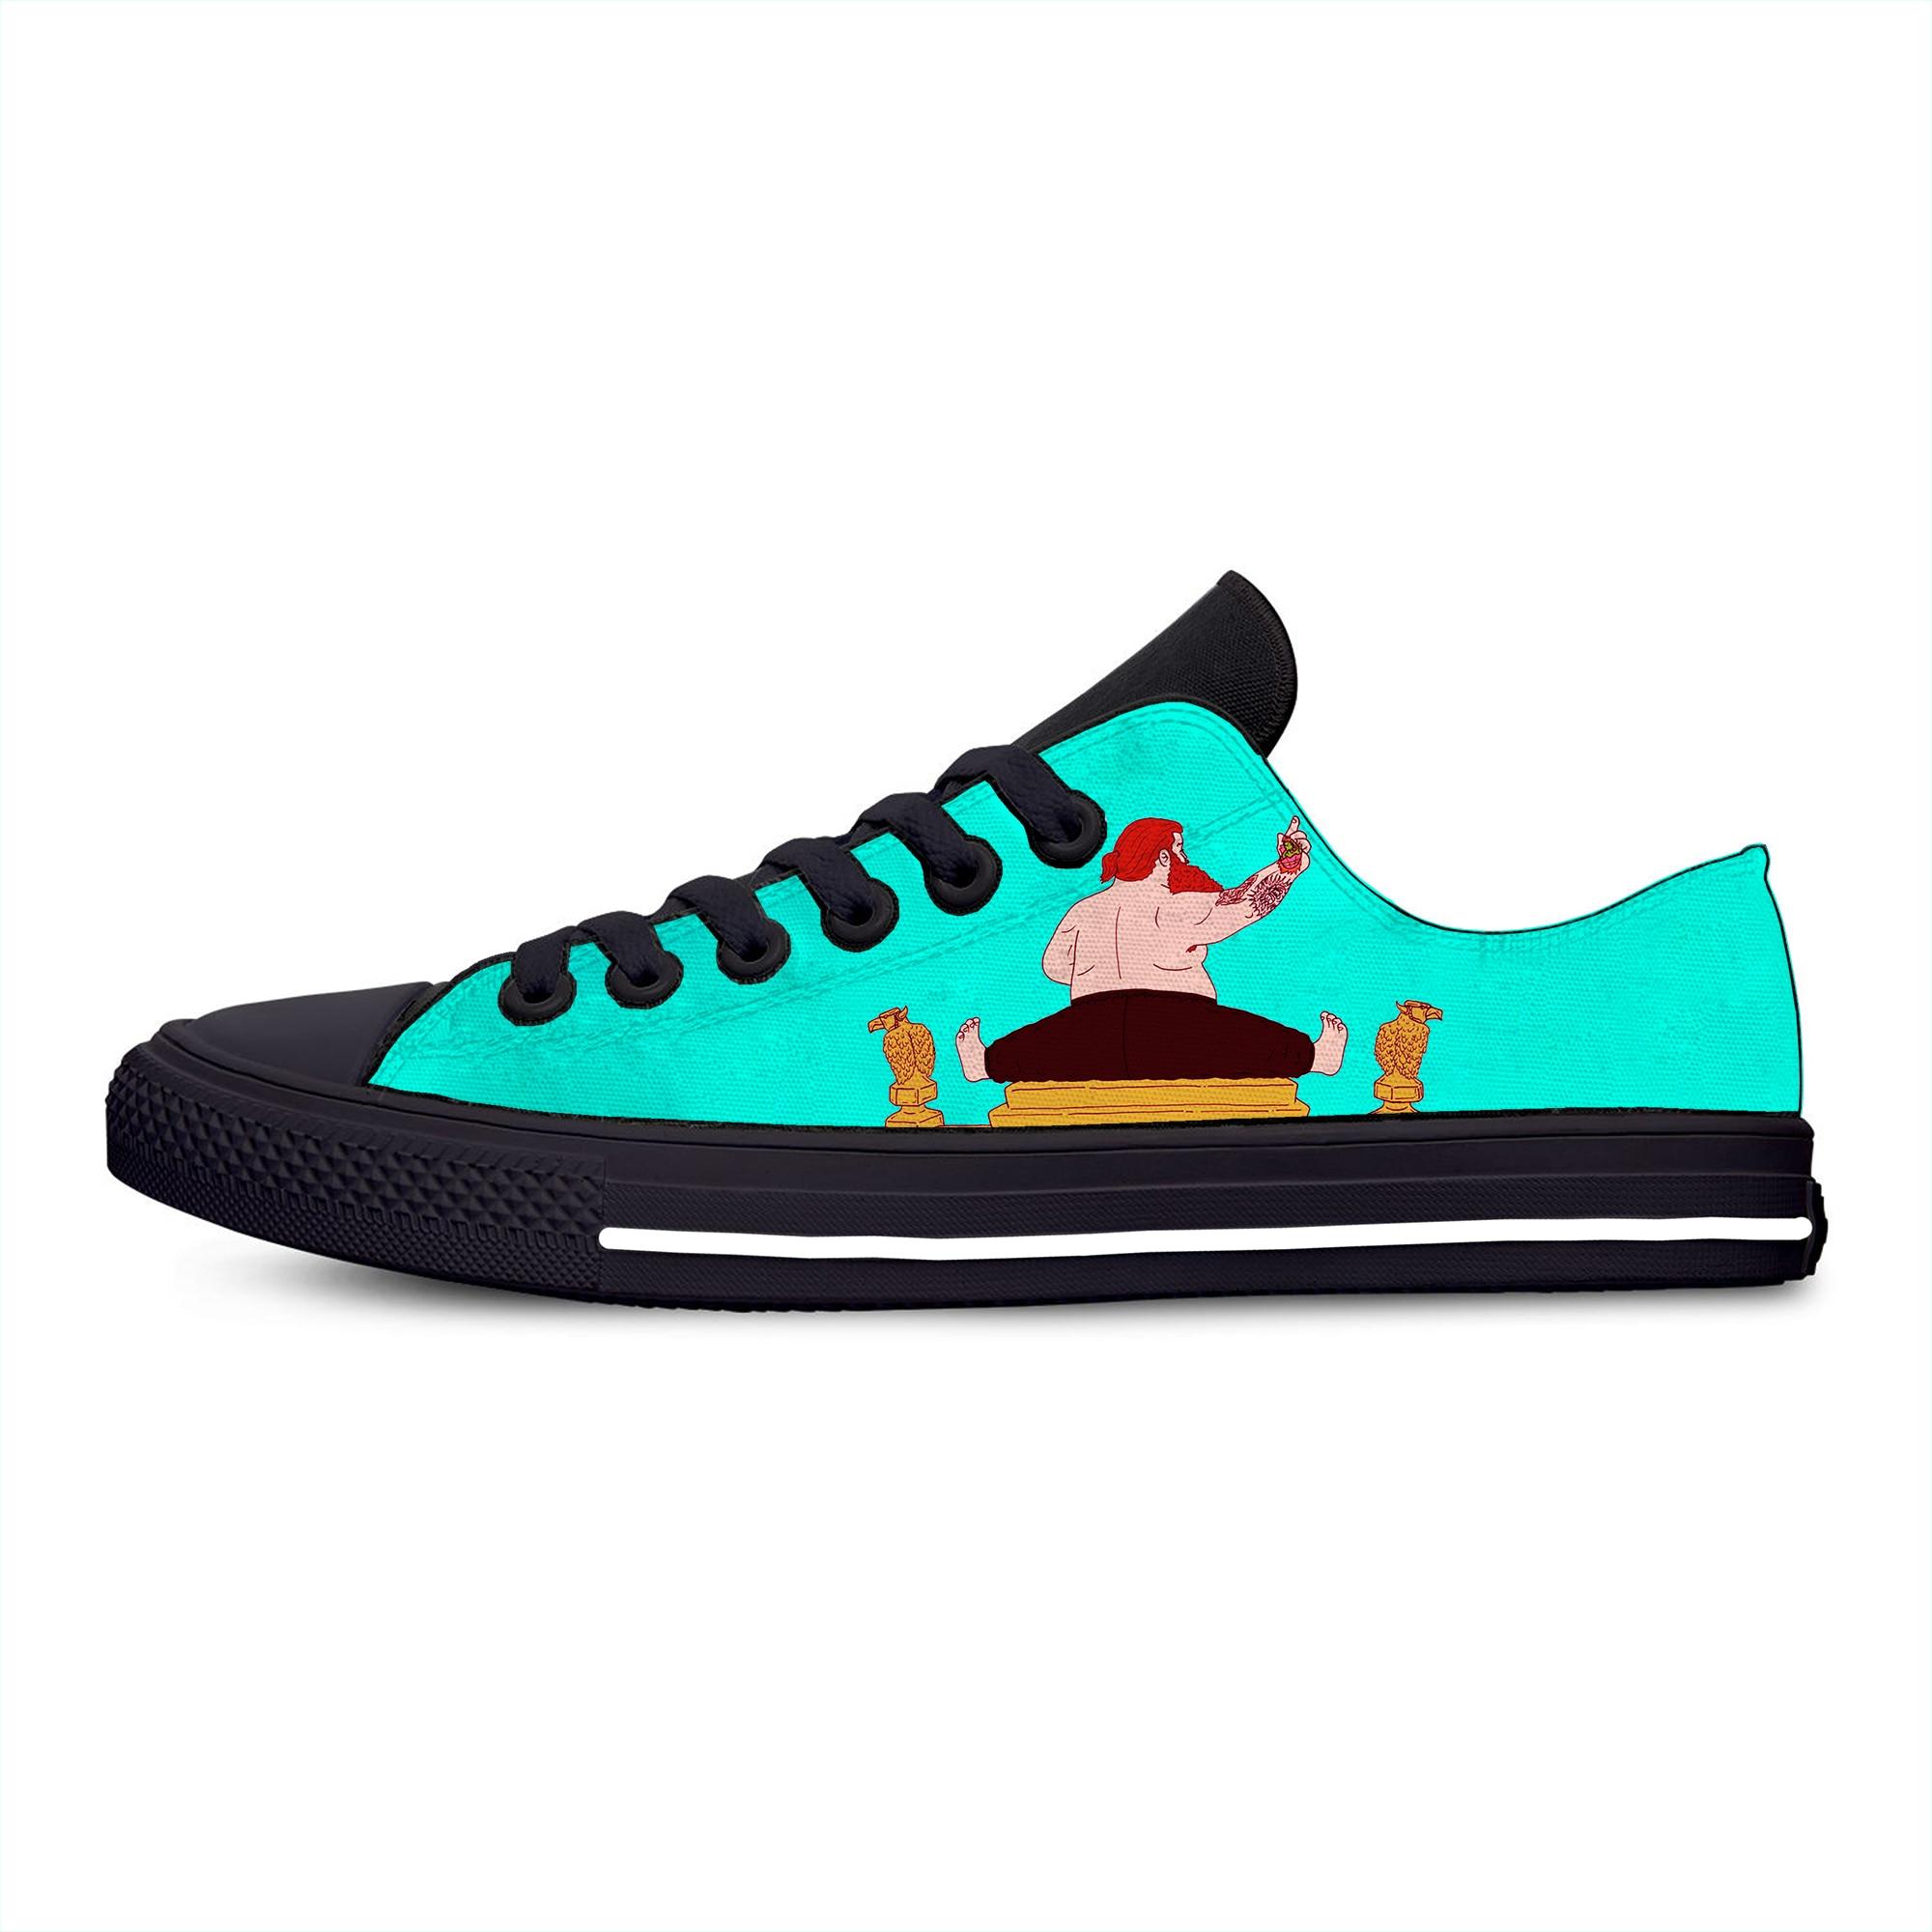 Хип-хоп рэпер экшен Бронсон музыка Горячая крутая модная повседневная парусиновая обувь дышащие легкие кроссовки с 3D принтом для мужчин и ж...